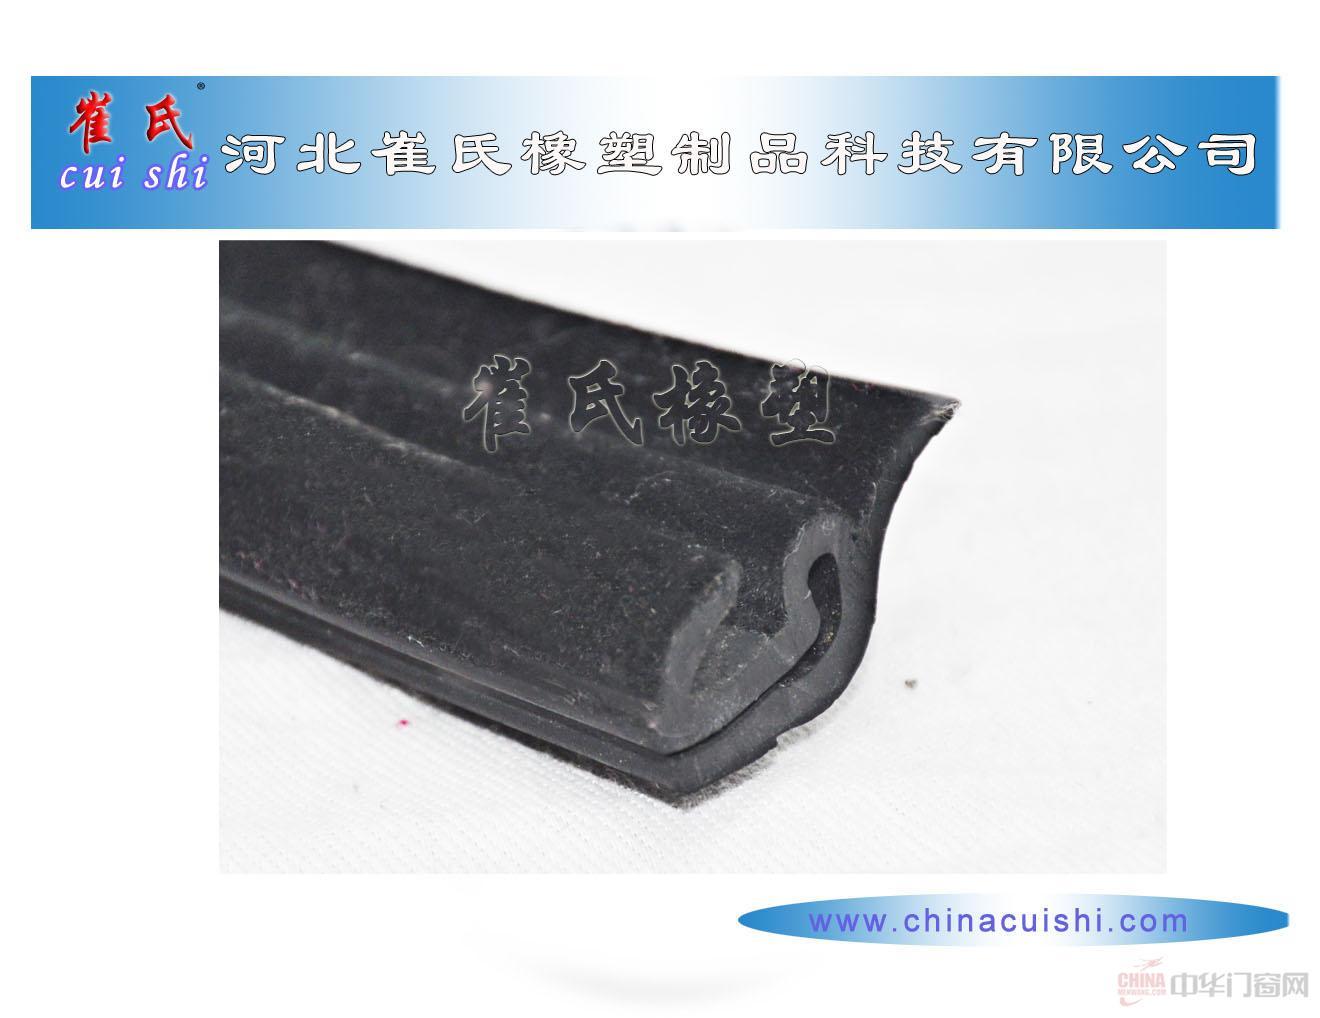 河北崔氏橡塑制品科技有限公司